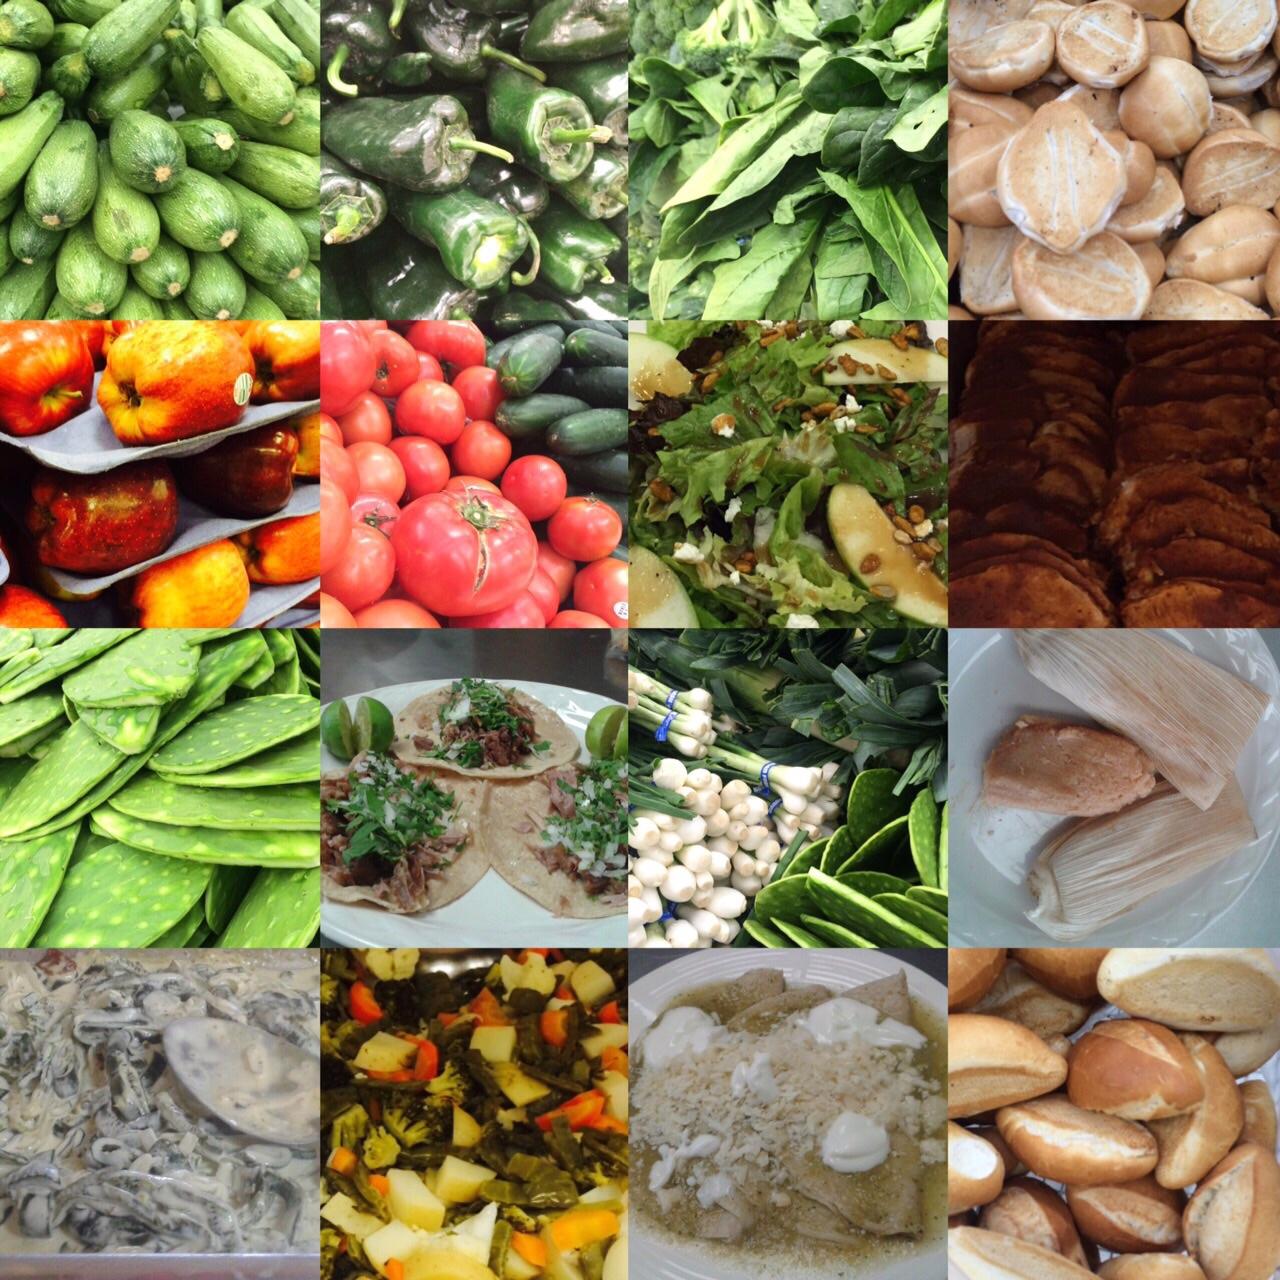 Bancos de alimentos: una forma de reducir la desnutrición en Colombia